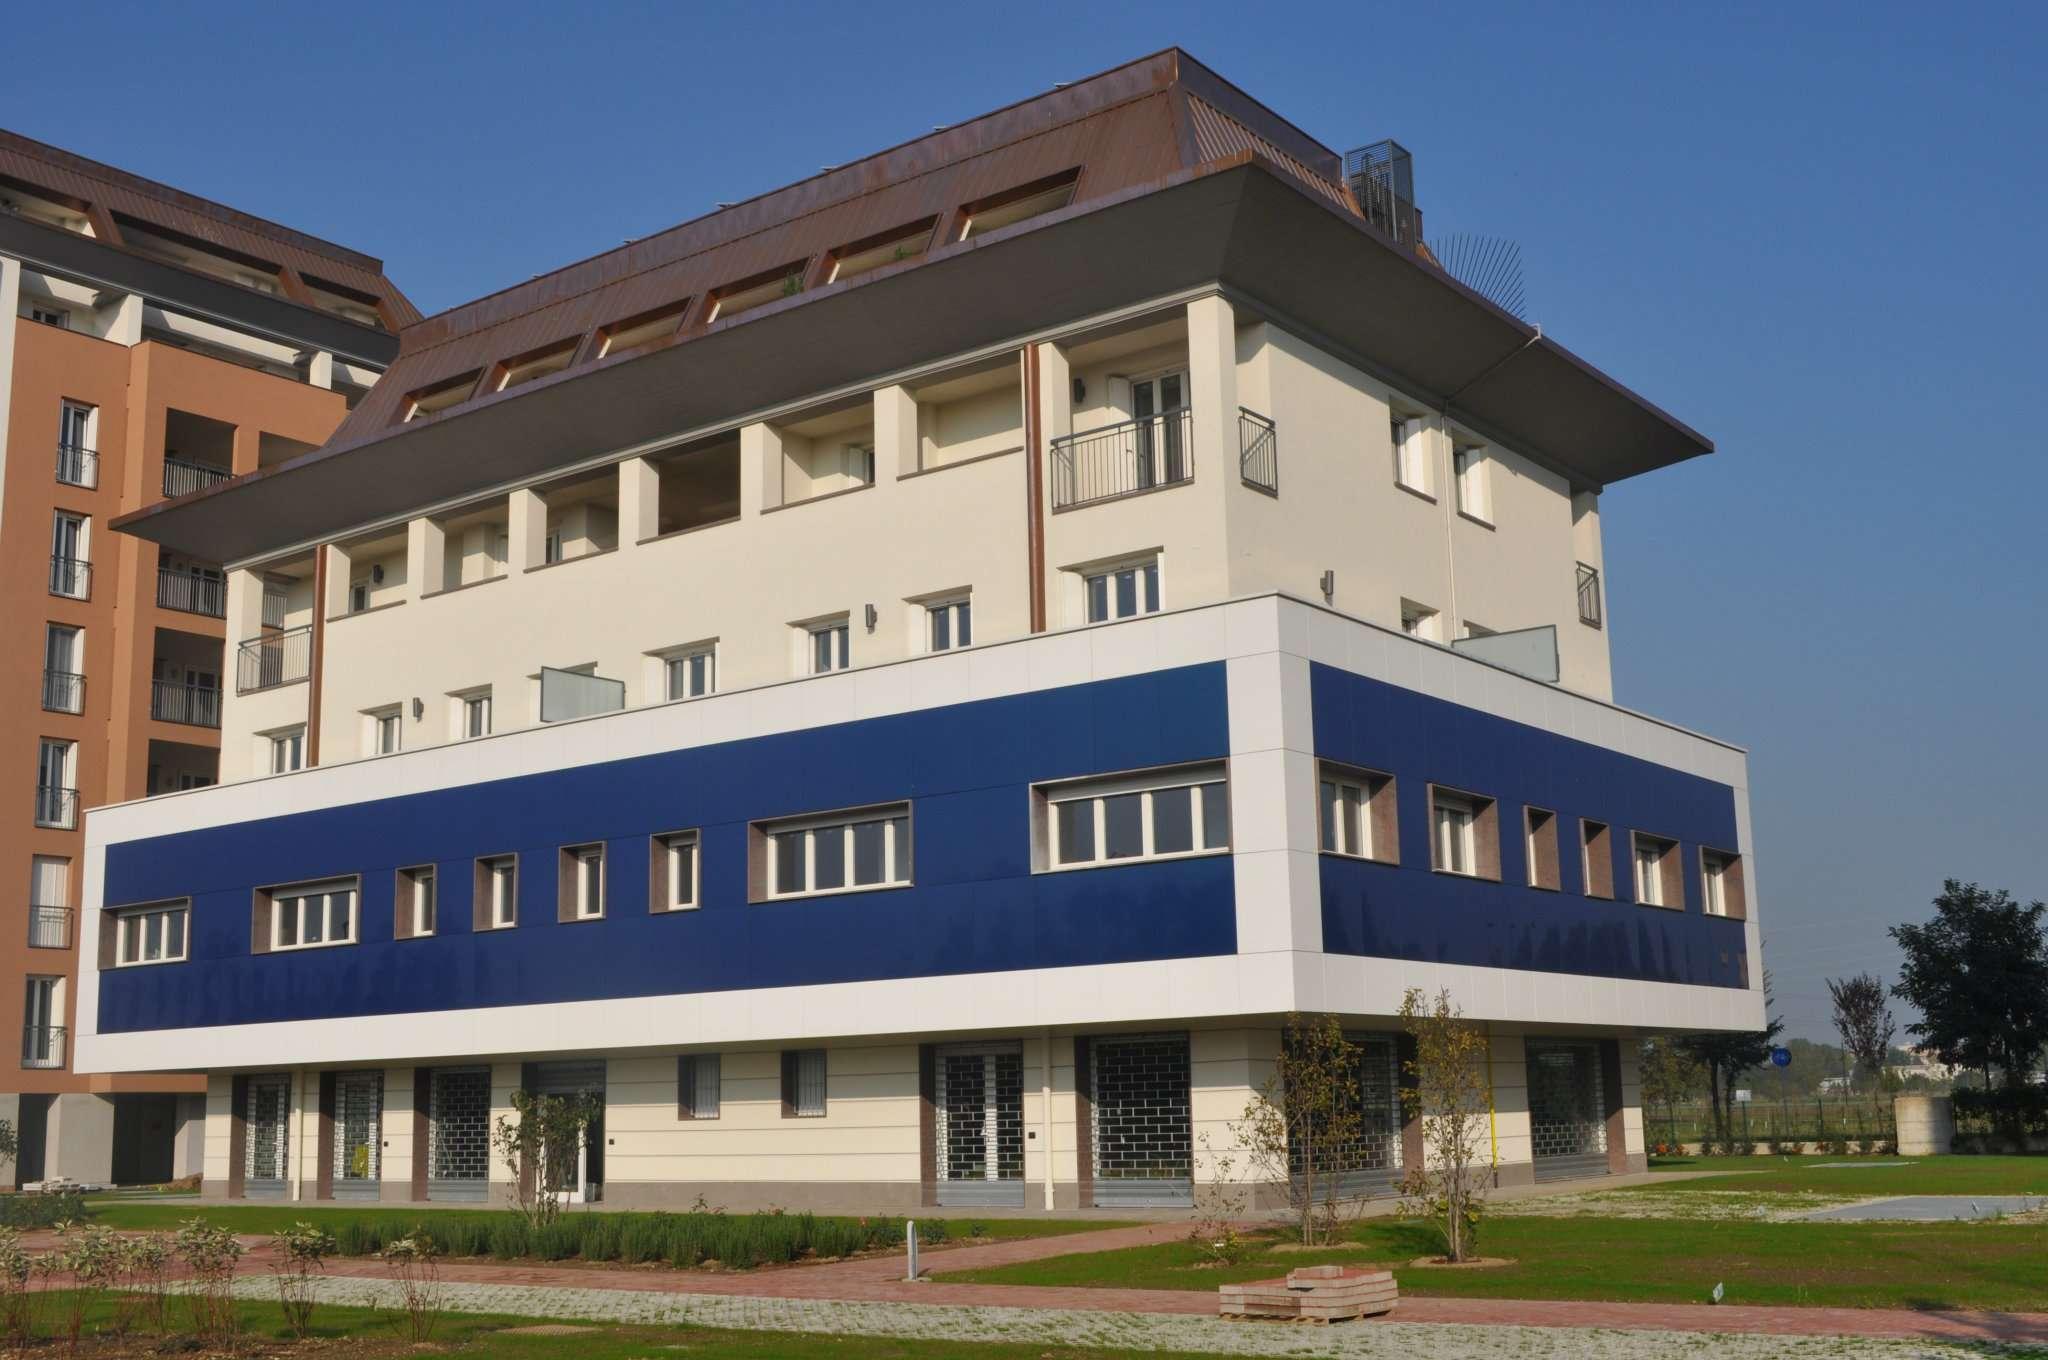 Ufficio-studio in Affitto a Segrate: 1 locali, 121 mq